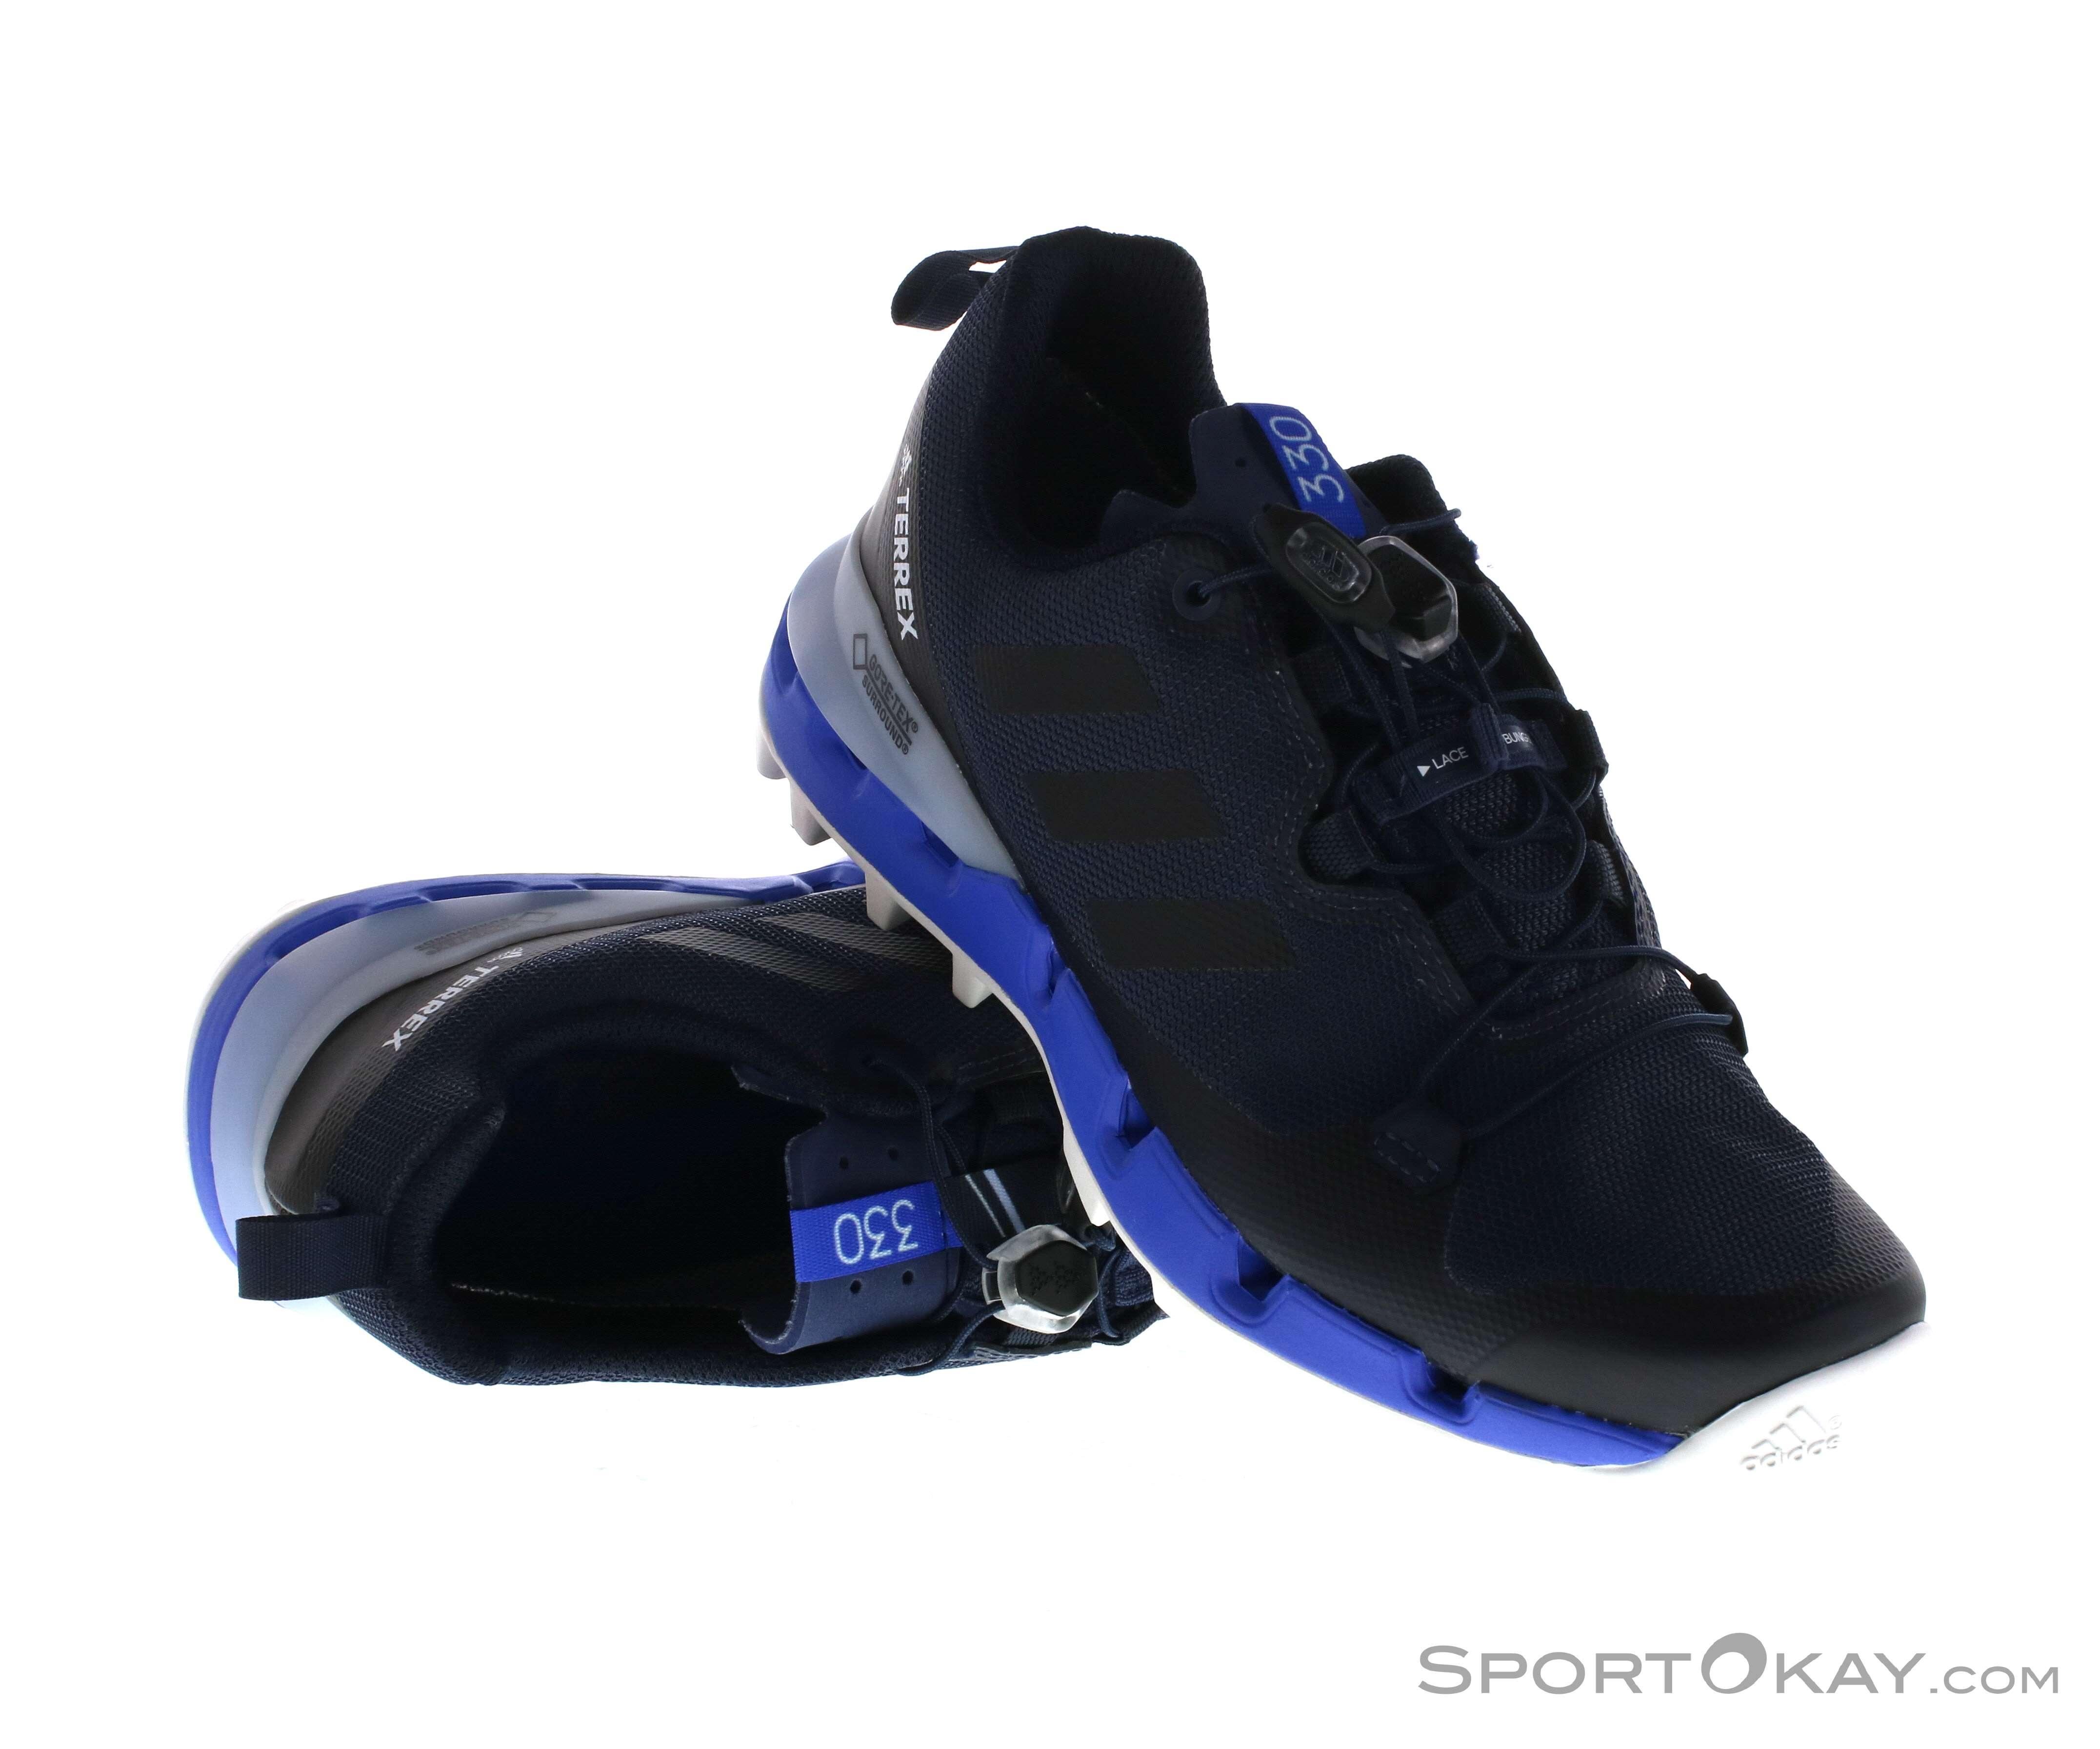 trekkingschuhe adidas 43 blau